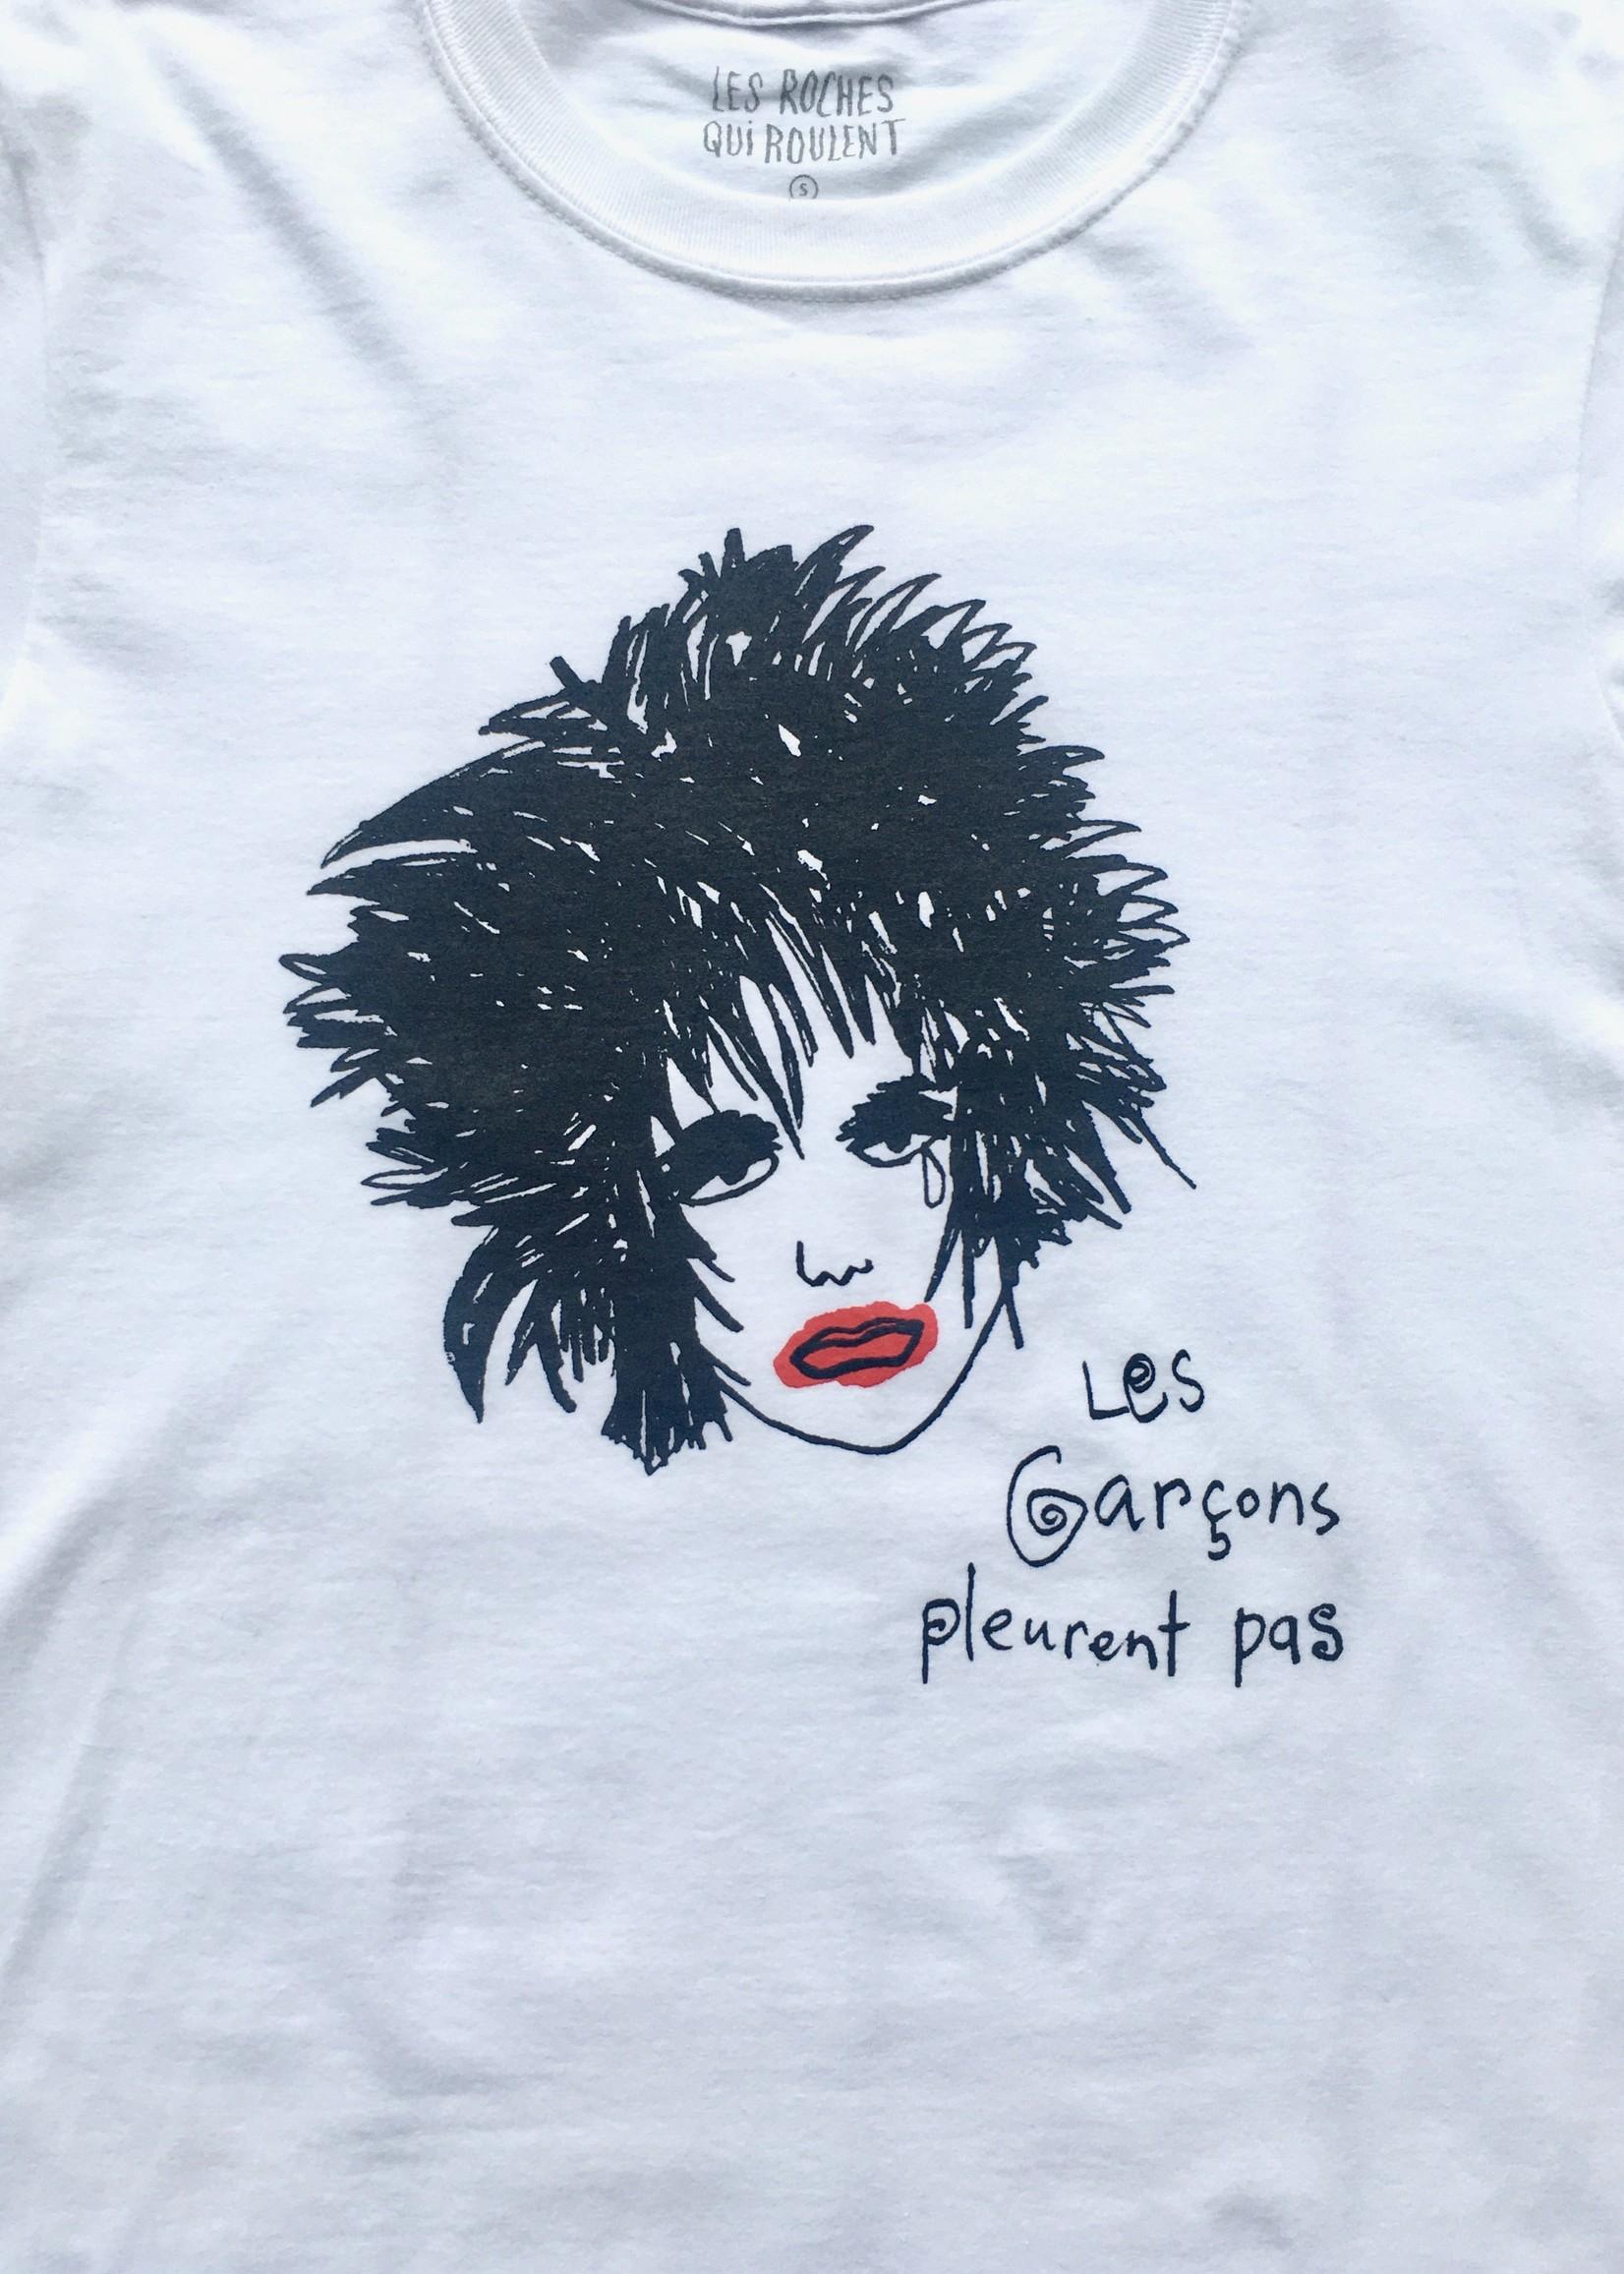 Les Roches Qui Roulent  T-shirt Les Garçons Pleurent Pas